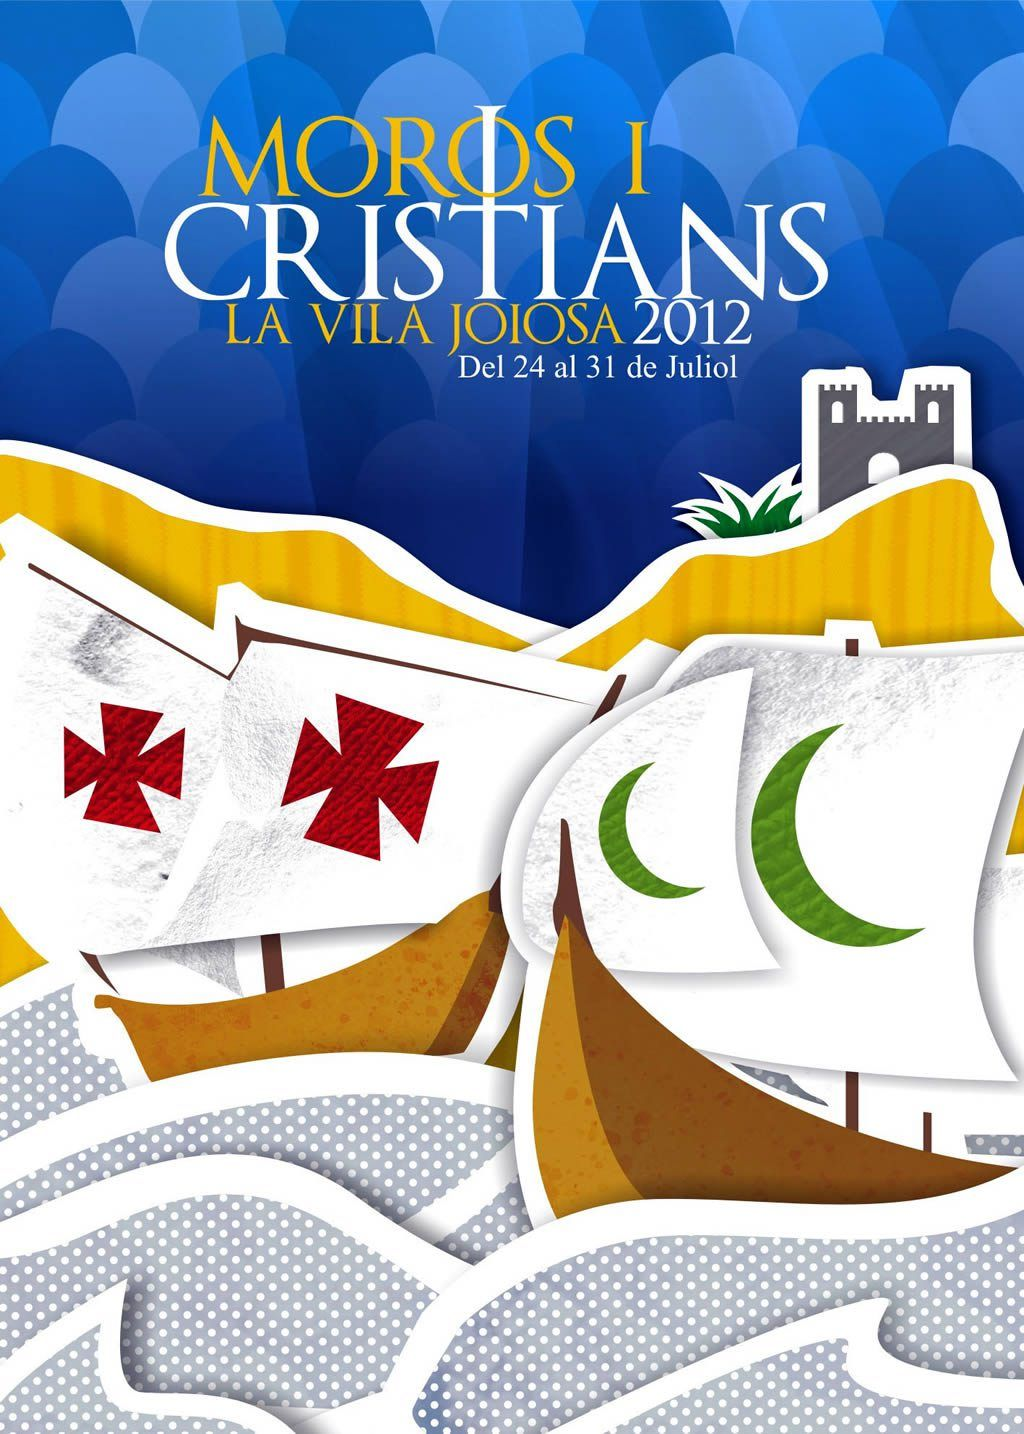 Villajoyosa - Cartel anunciador Fiesta Moros y Cristianos 2012 La Vila Joiosa